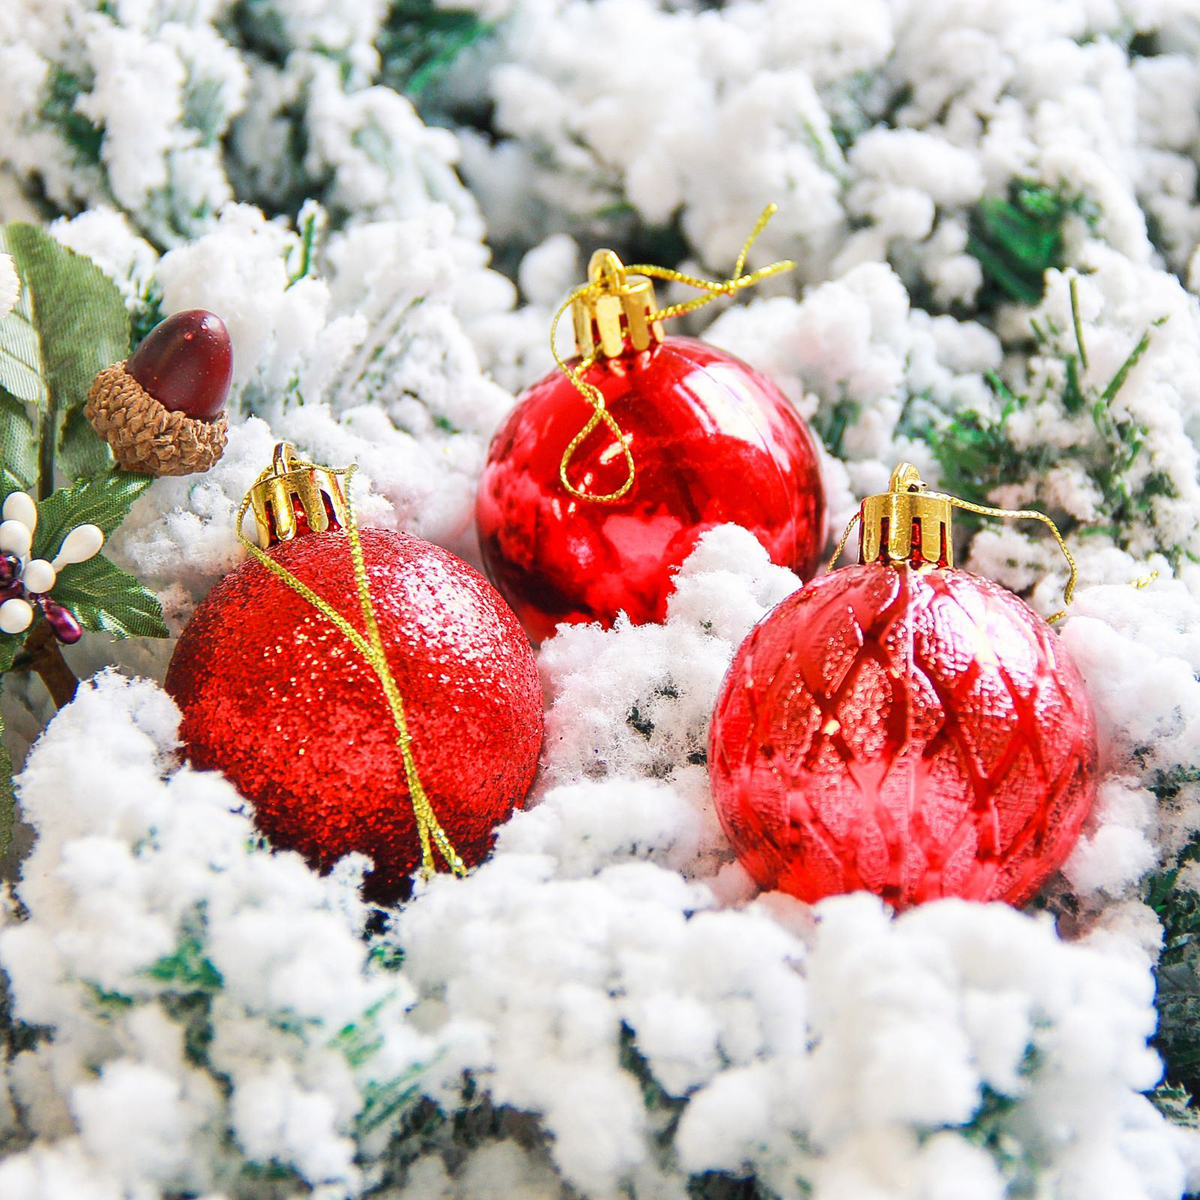 Набор новогодних подвесных украшений Sima-land Анданте, цвет: красный, диаметр 5 см, 12 шт2178230Невозможно представить нашу жизнь без праздников! Мы всегда ждём их и предвкушаем, обдумываем, как проведём памятный день, тщательно выбираем подарки и аксессуары, ведь именно они создают и поддерживают торжественный настрой.